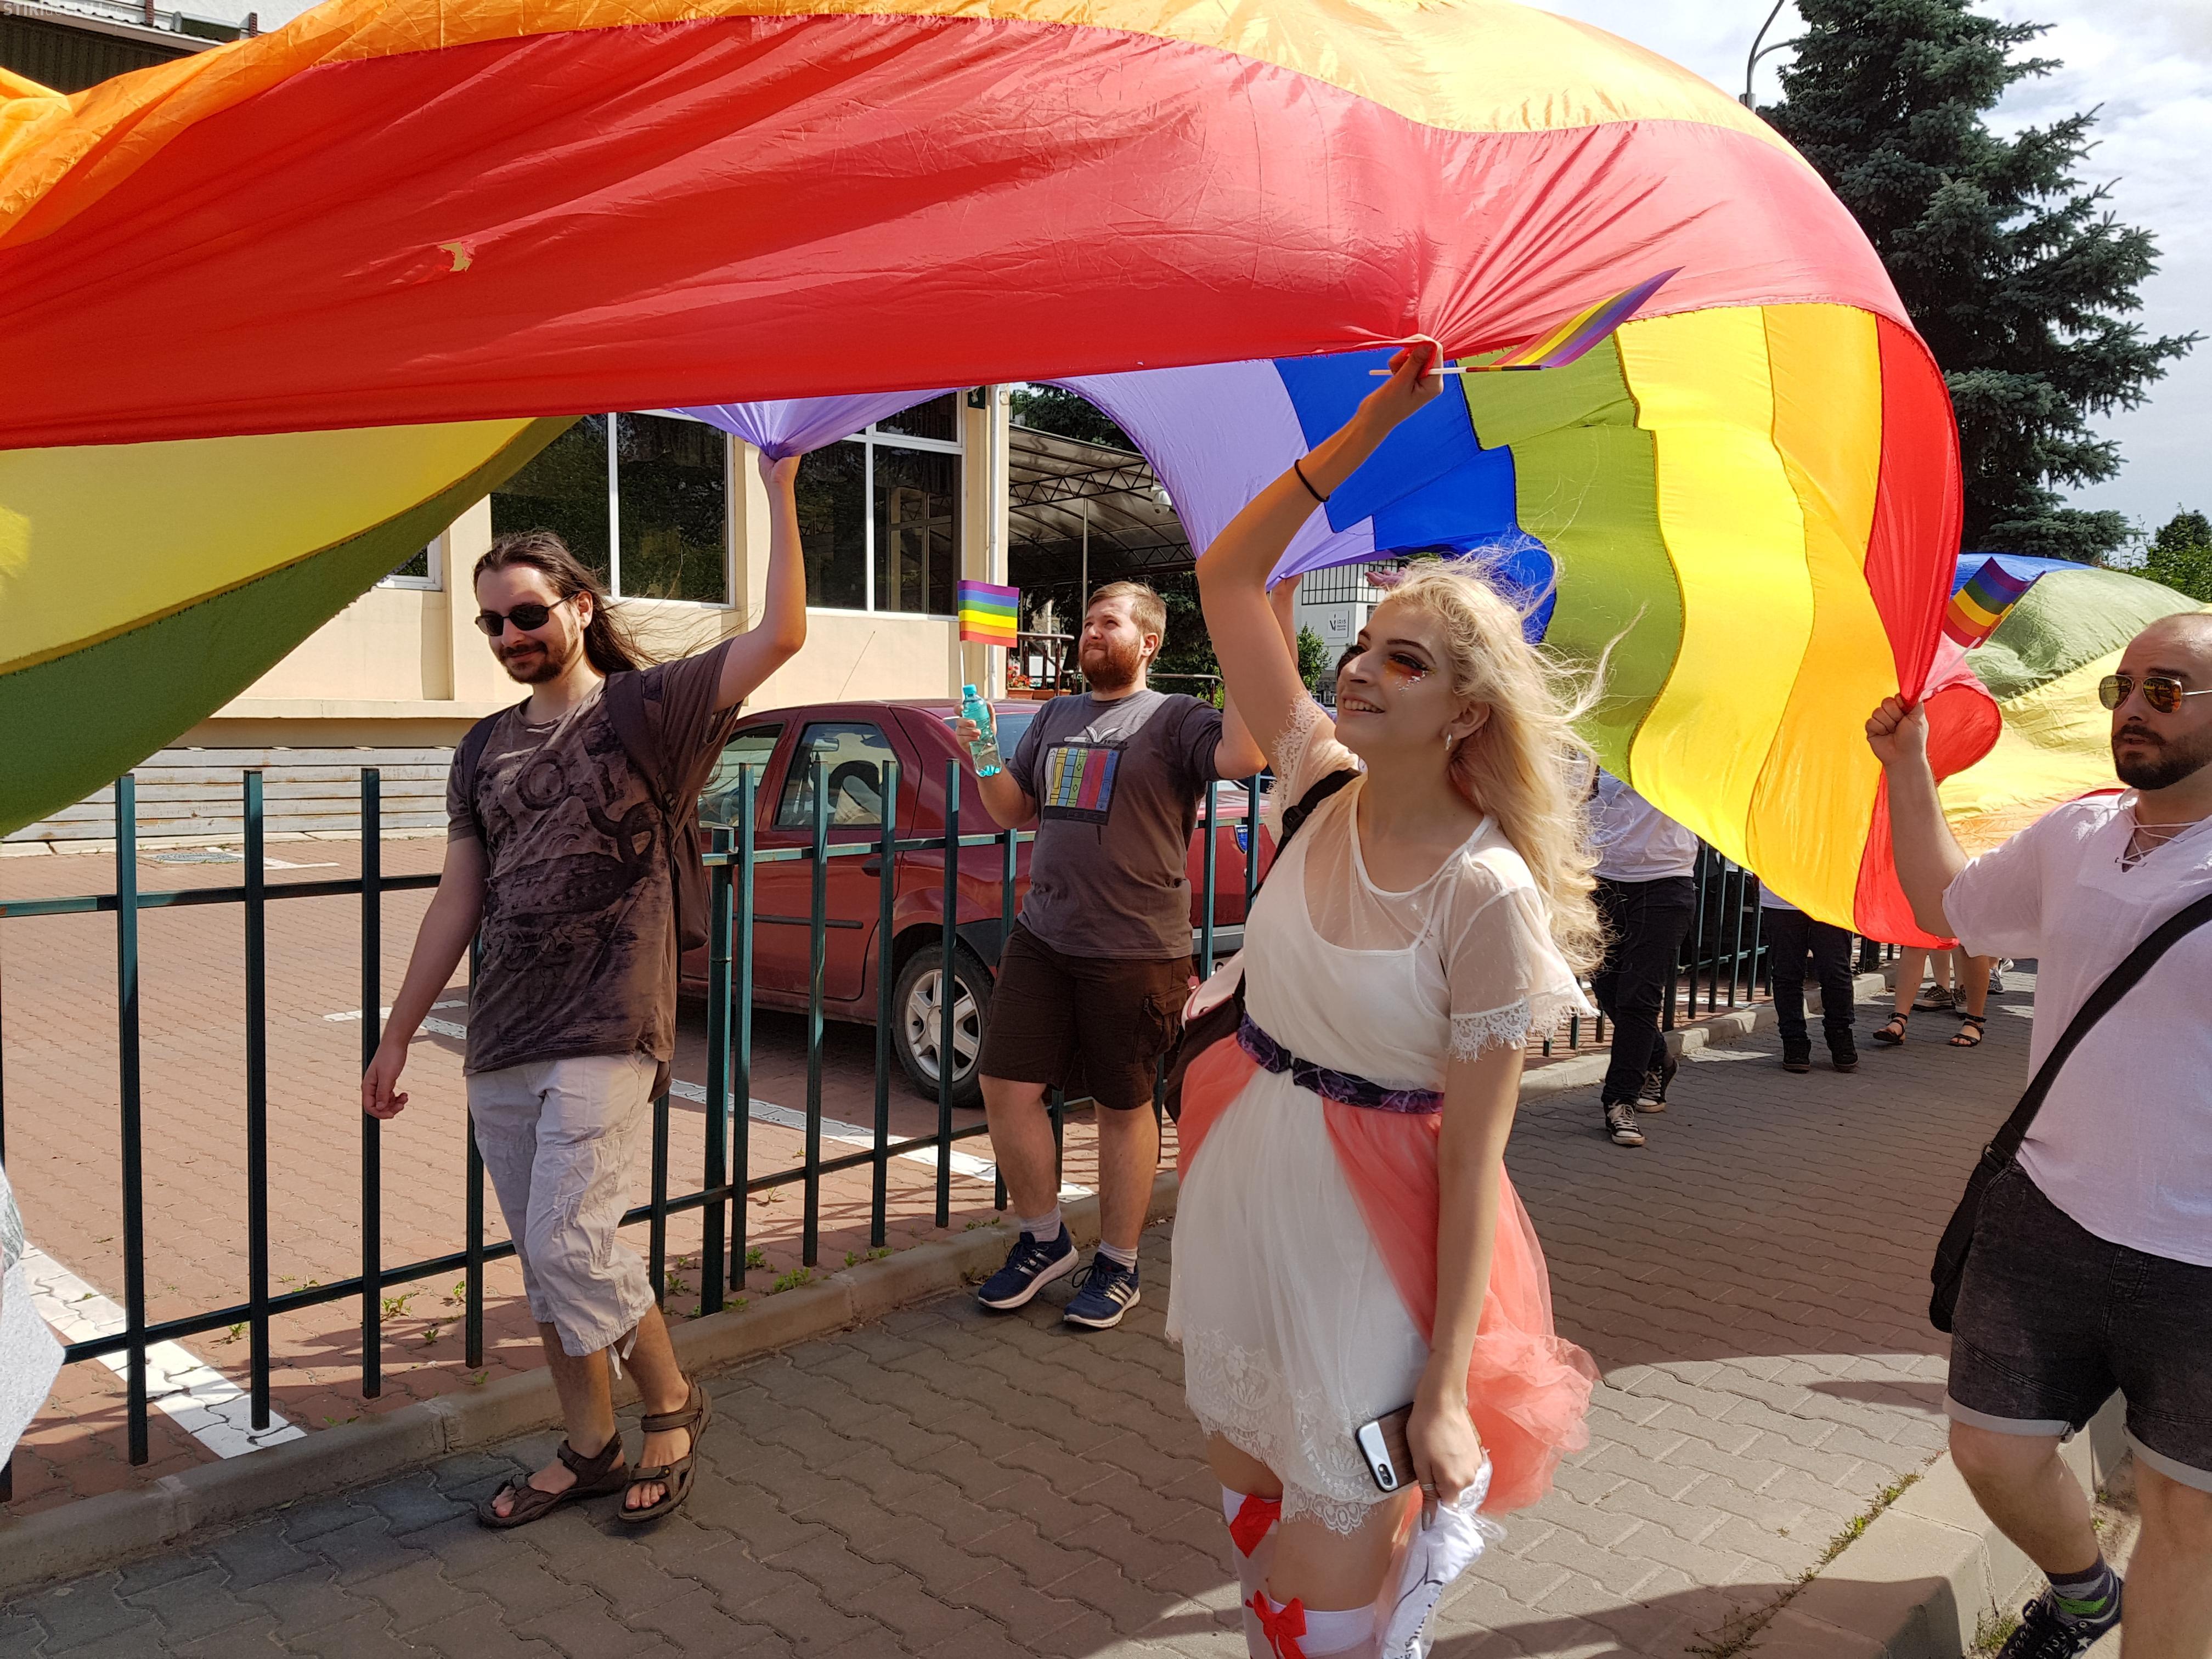 MARȘ GAY la Cluj! 1.000 de oameni au luat parte: În drum spre casă să aveți grijă să nu vă bată cineva - FOTO